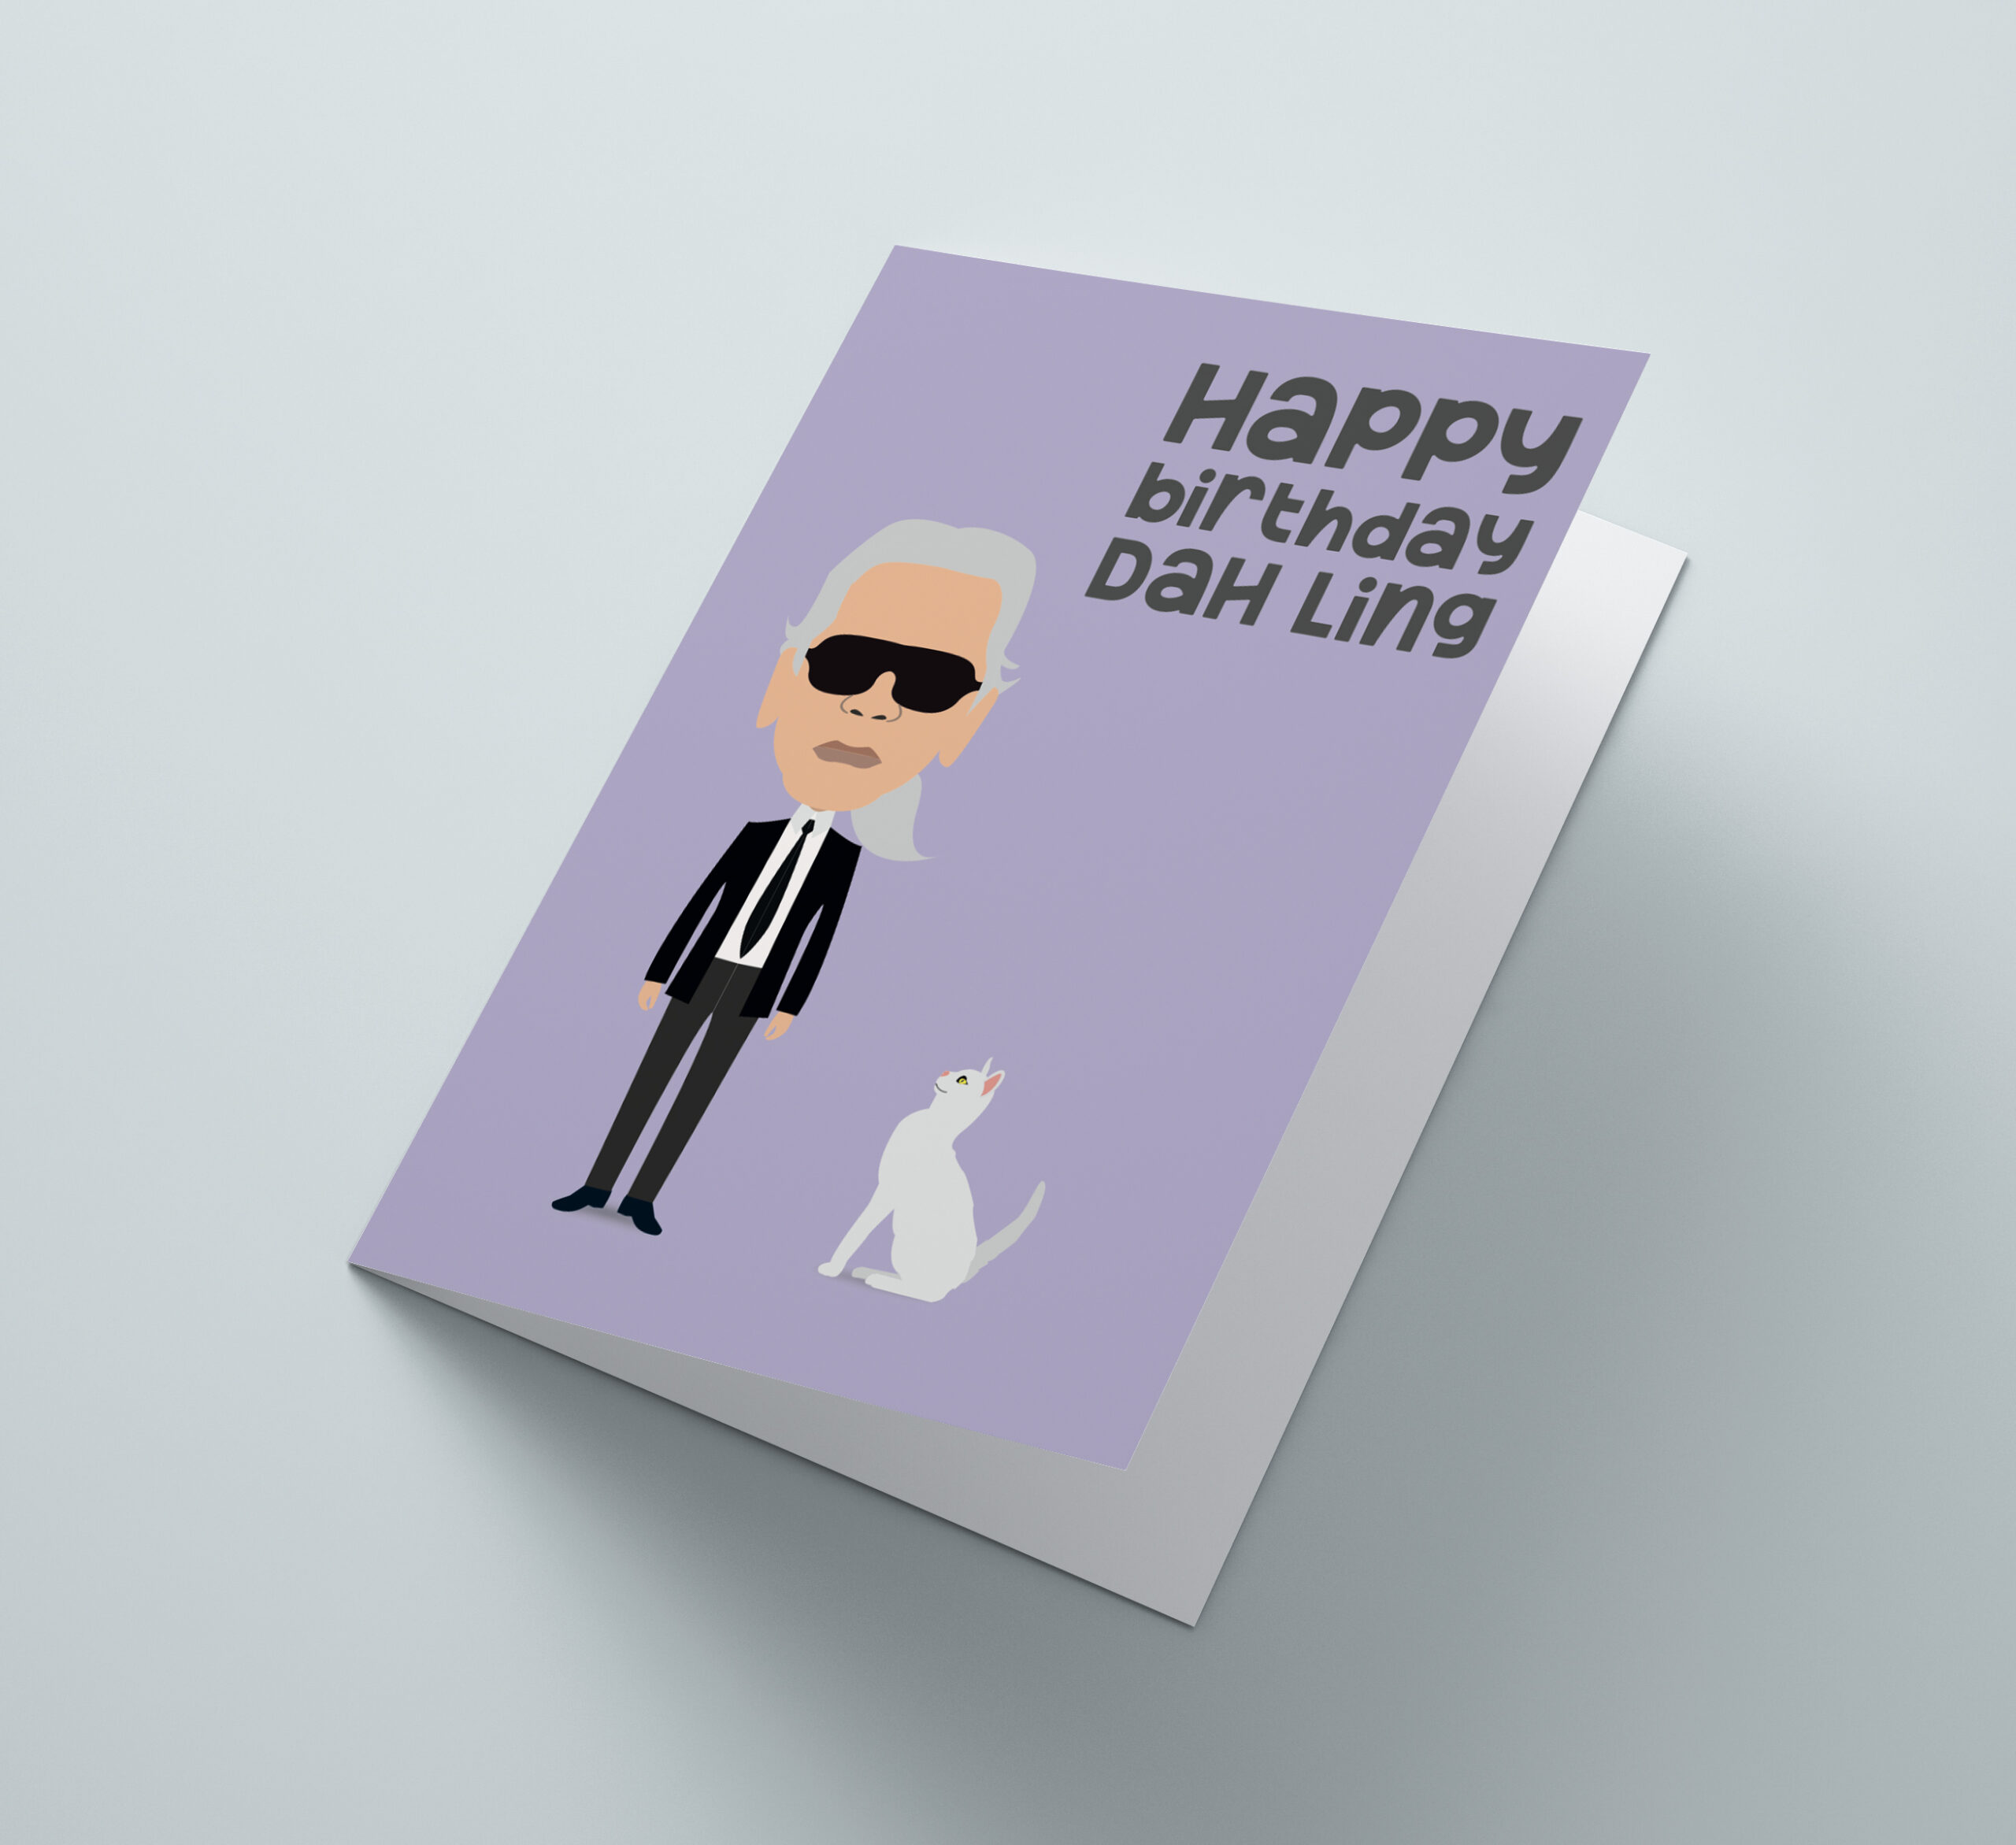 Happy Birthday Karl